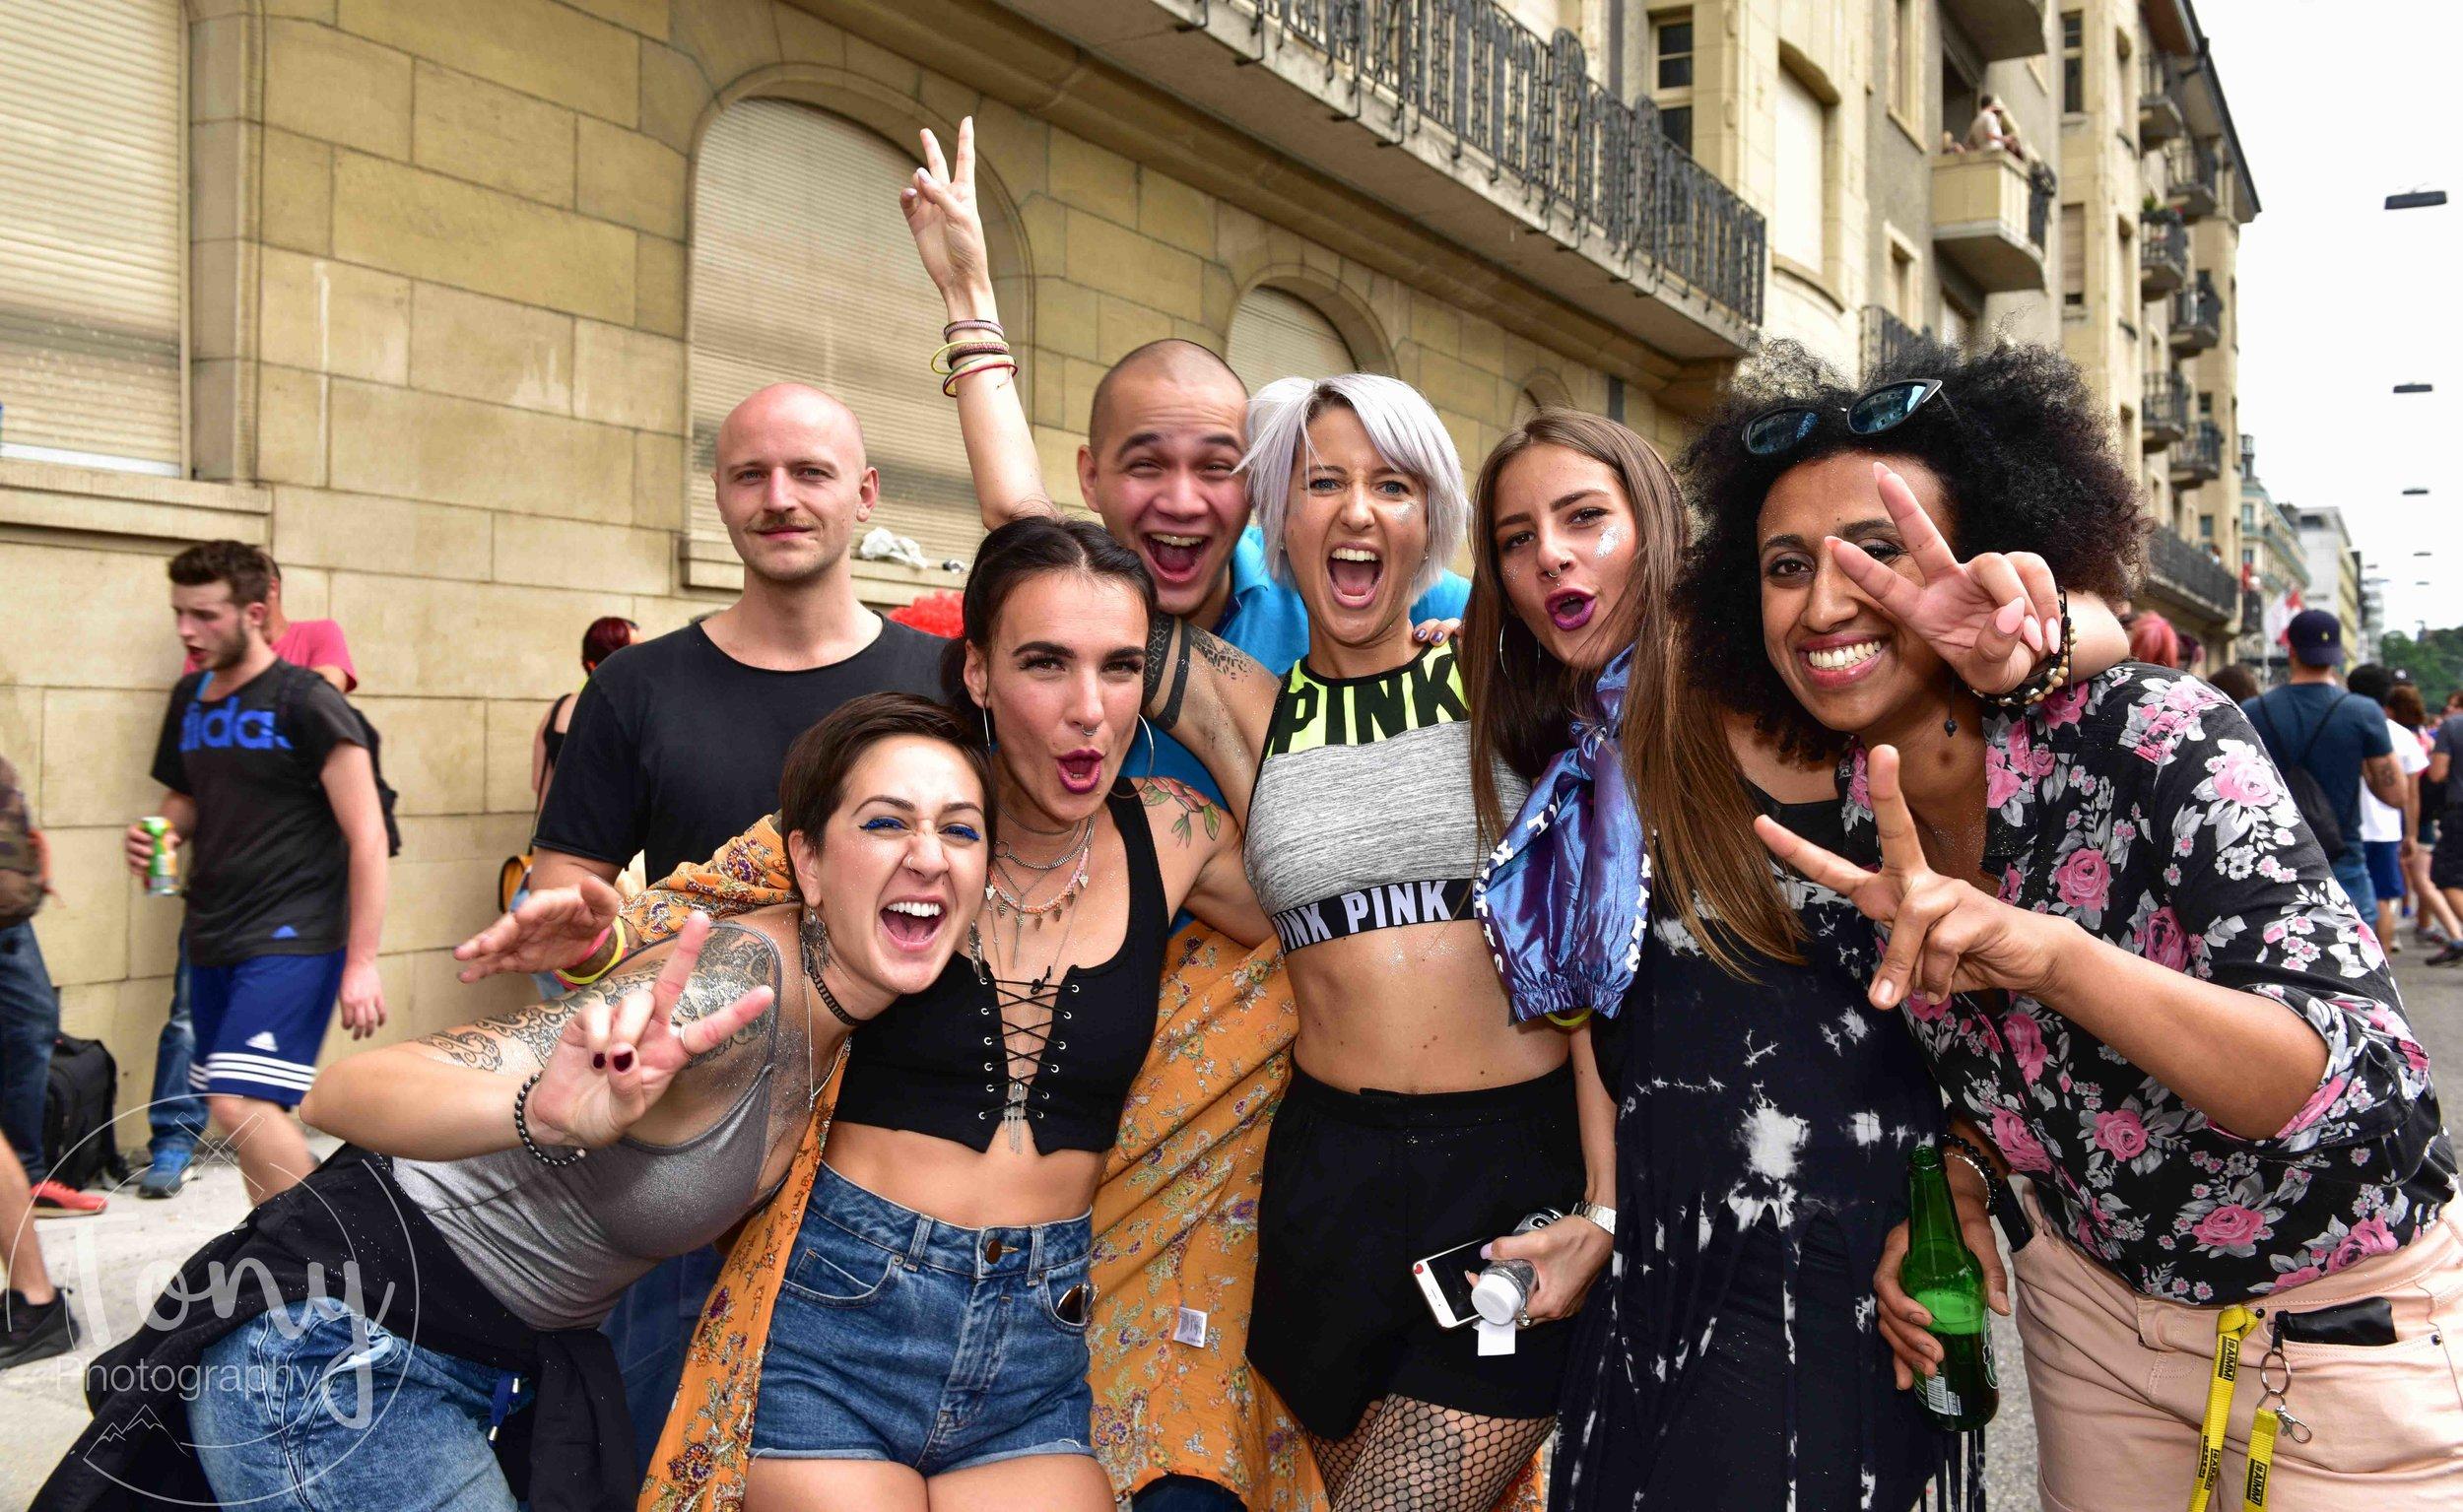 streetparade-105.jpg